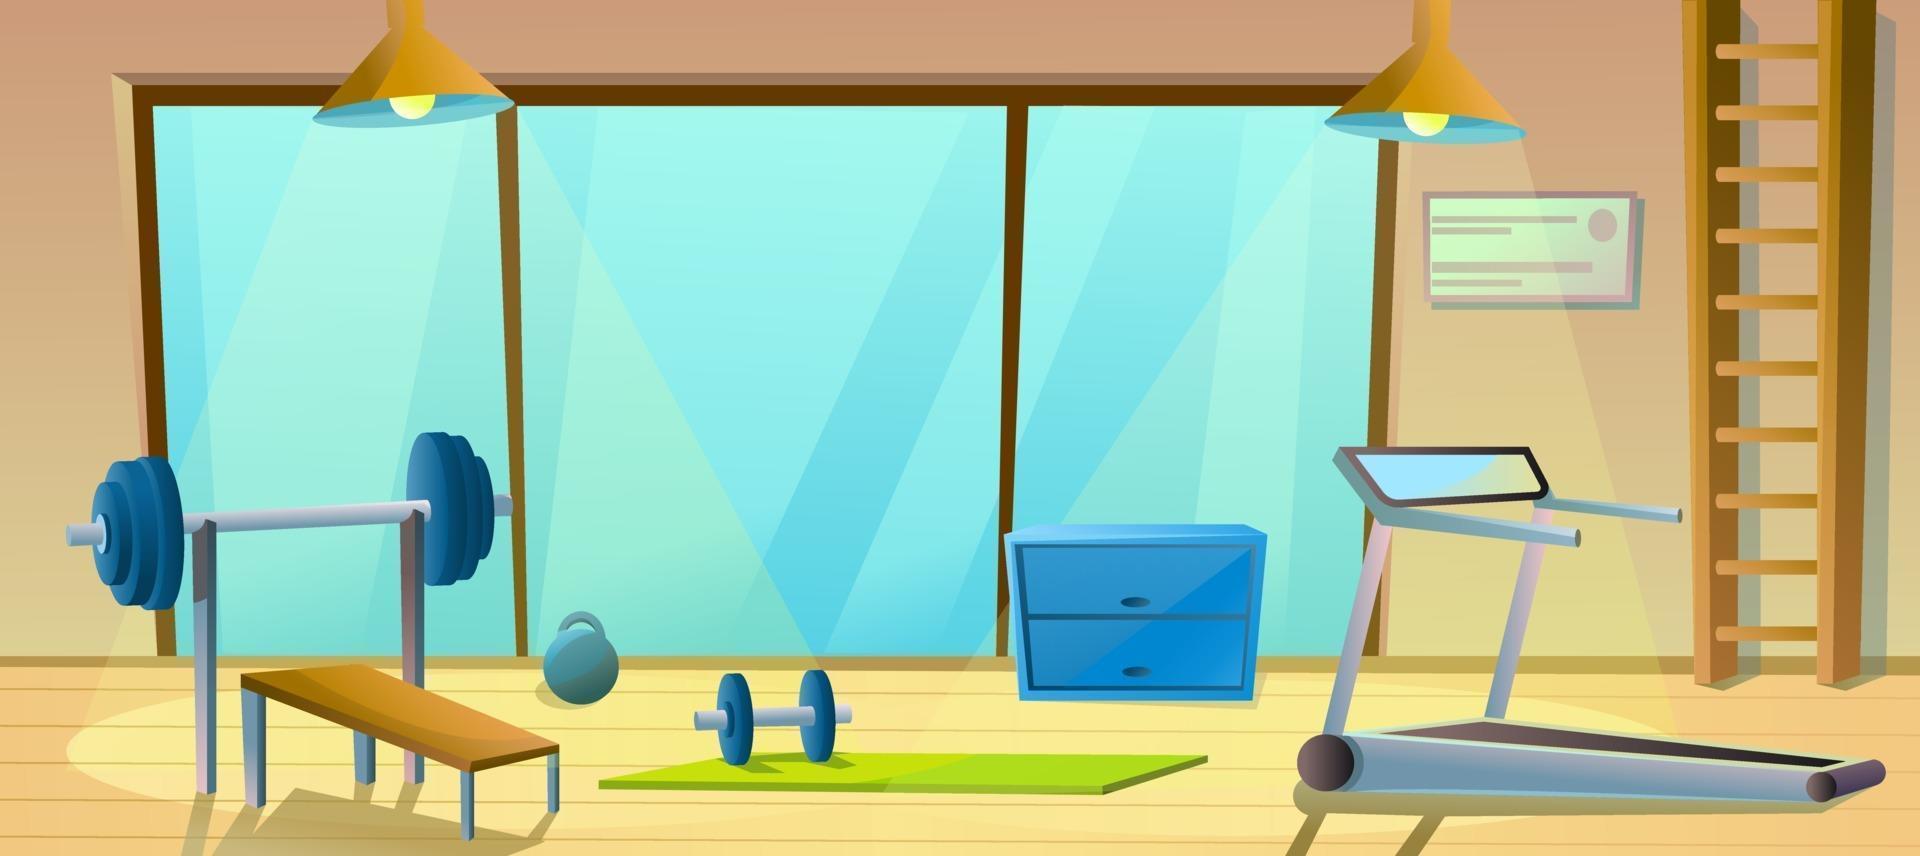 grande salle de gym avec haltères, haltères et tapis roulant. intérieur sport. gymnastique saine. salle d'entrainement. vecteur